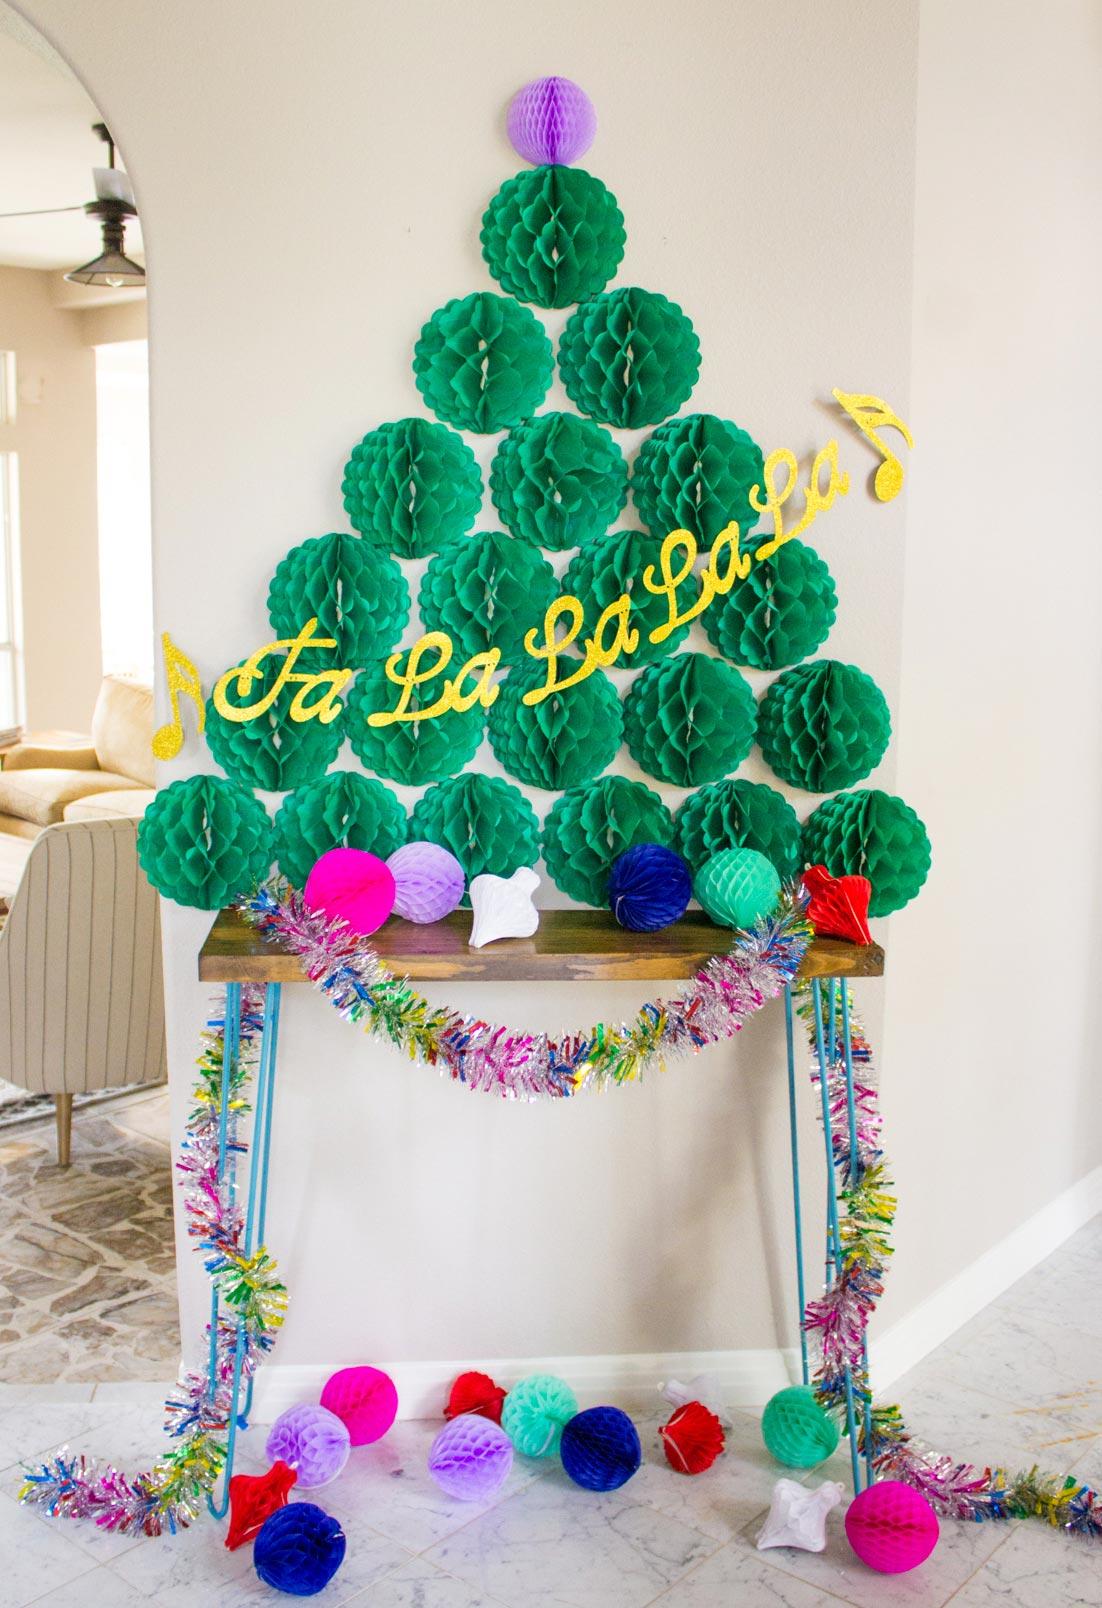 Enfeites de Natal: brinque com os elementos tradicionais e arrase!